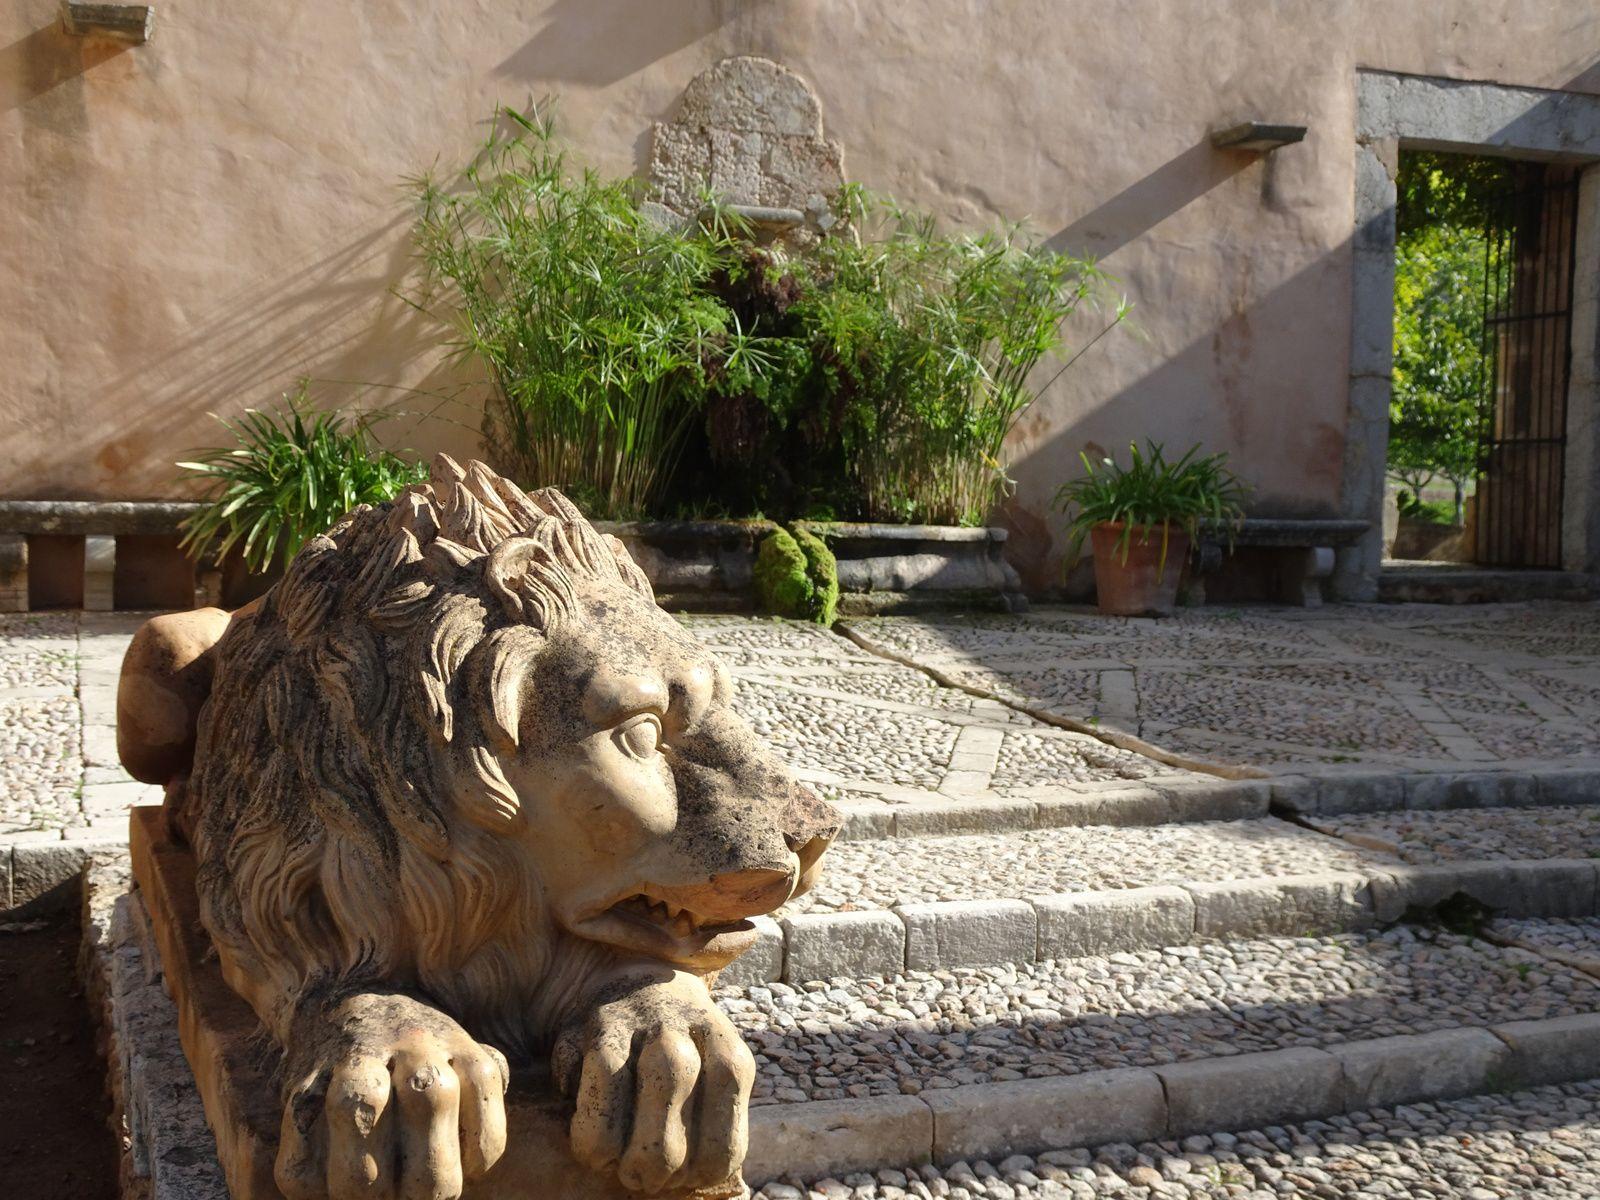 Les jardins d'Alfabia, la Chartreuse de Valldemossa